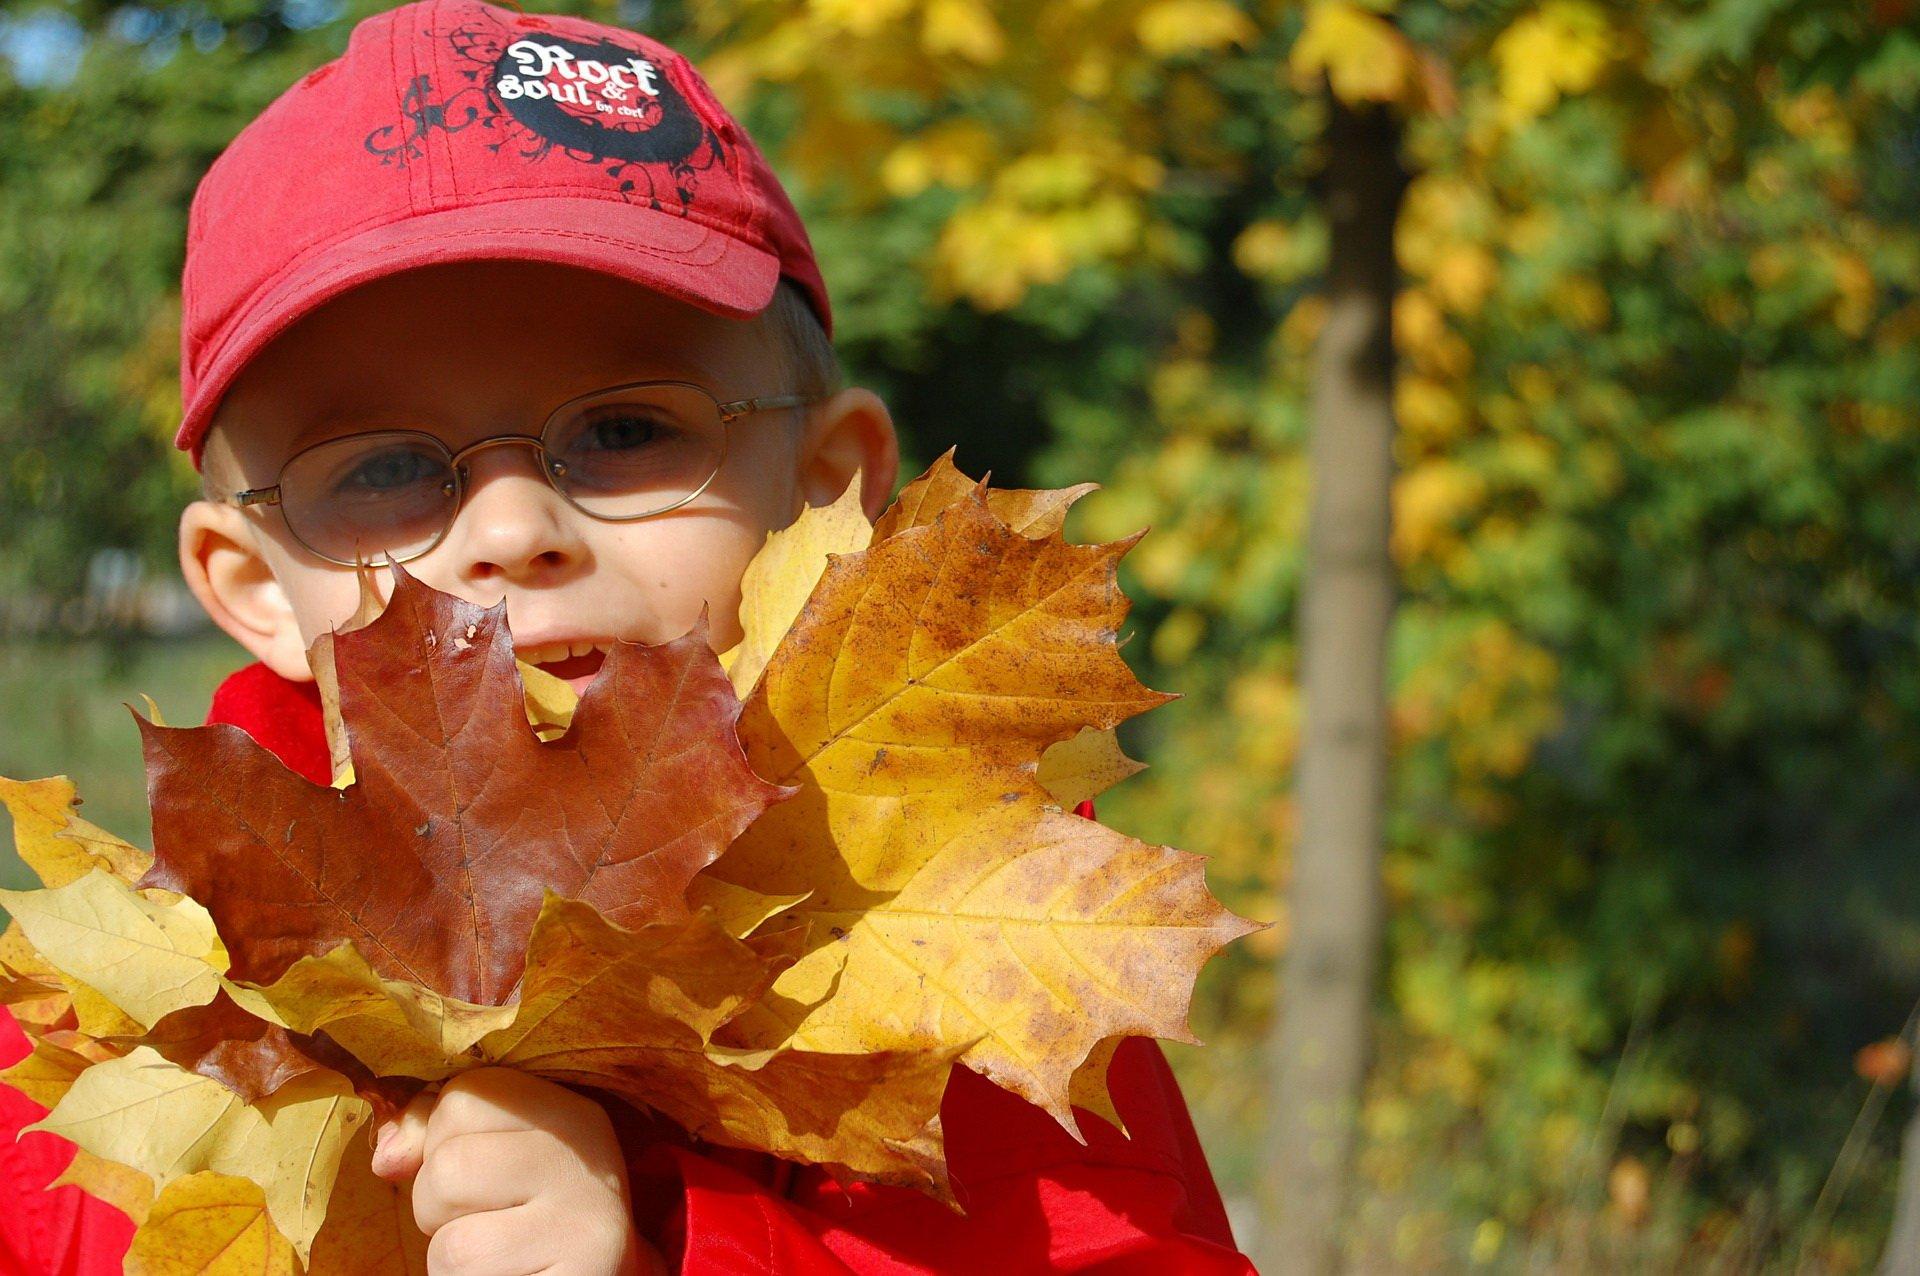 Wiatr psotnik wiersze i piosenki dla dzieci na jesień